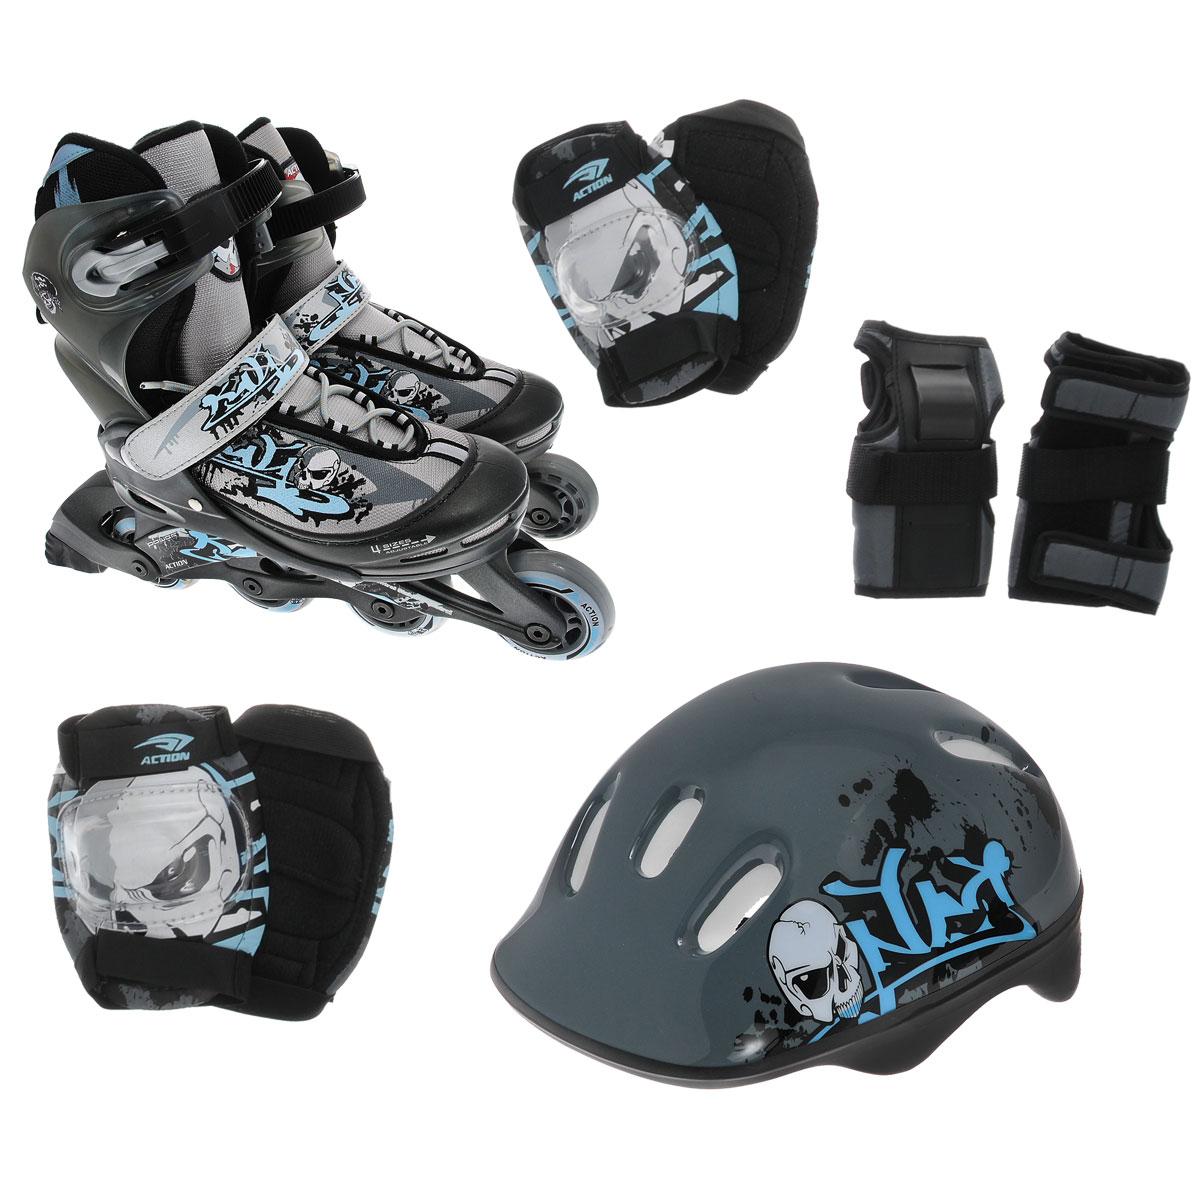 Набор Action: коньки роликовые, защита, шлем, цвет: серый, голубой. PW-117С. Размер 34/37 action pw 117ce m 34 37 blue